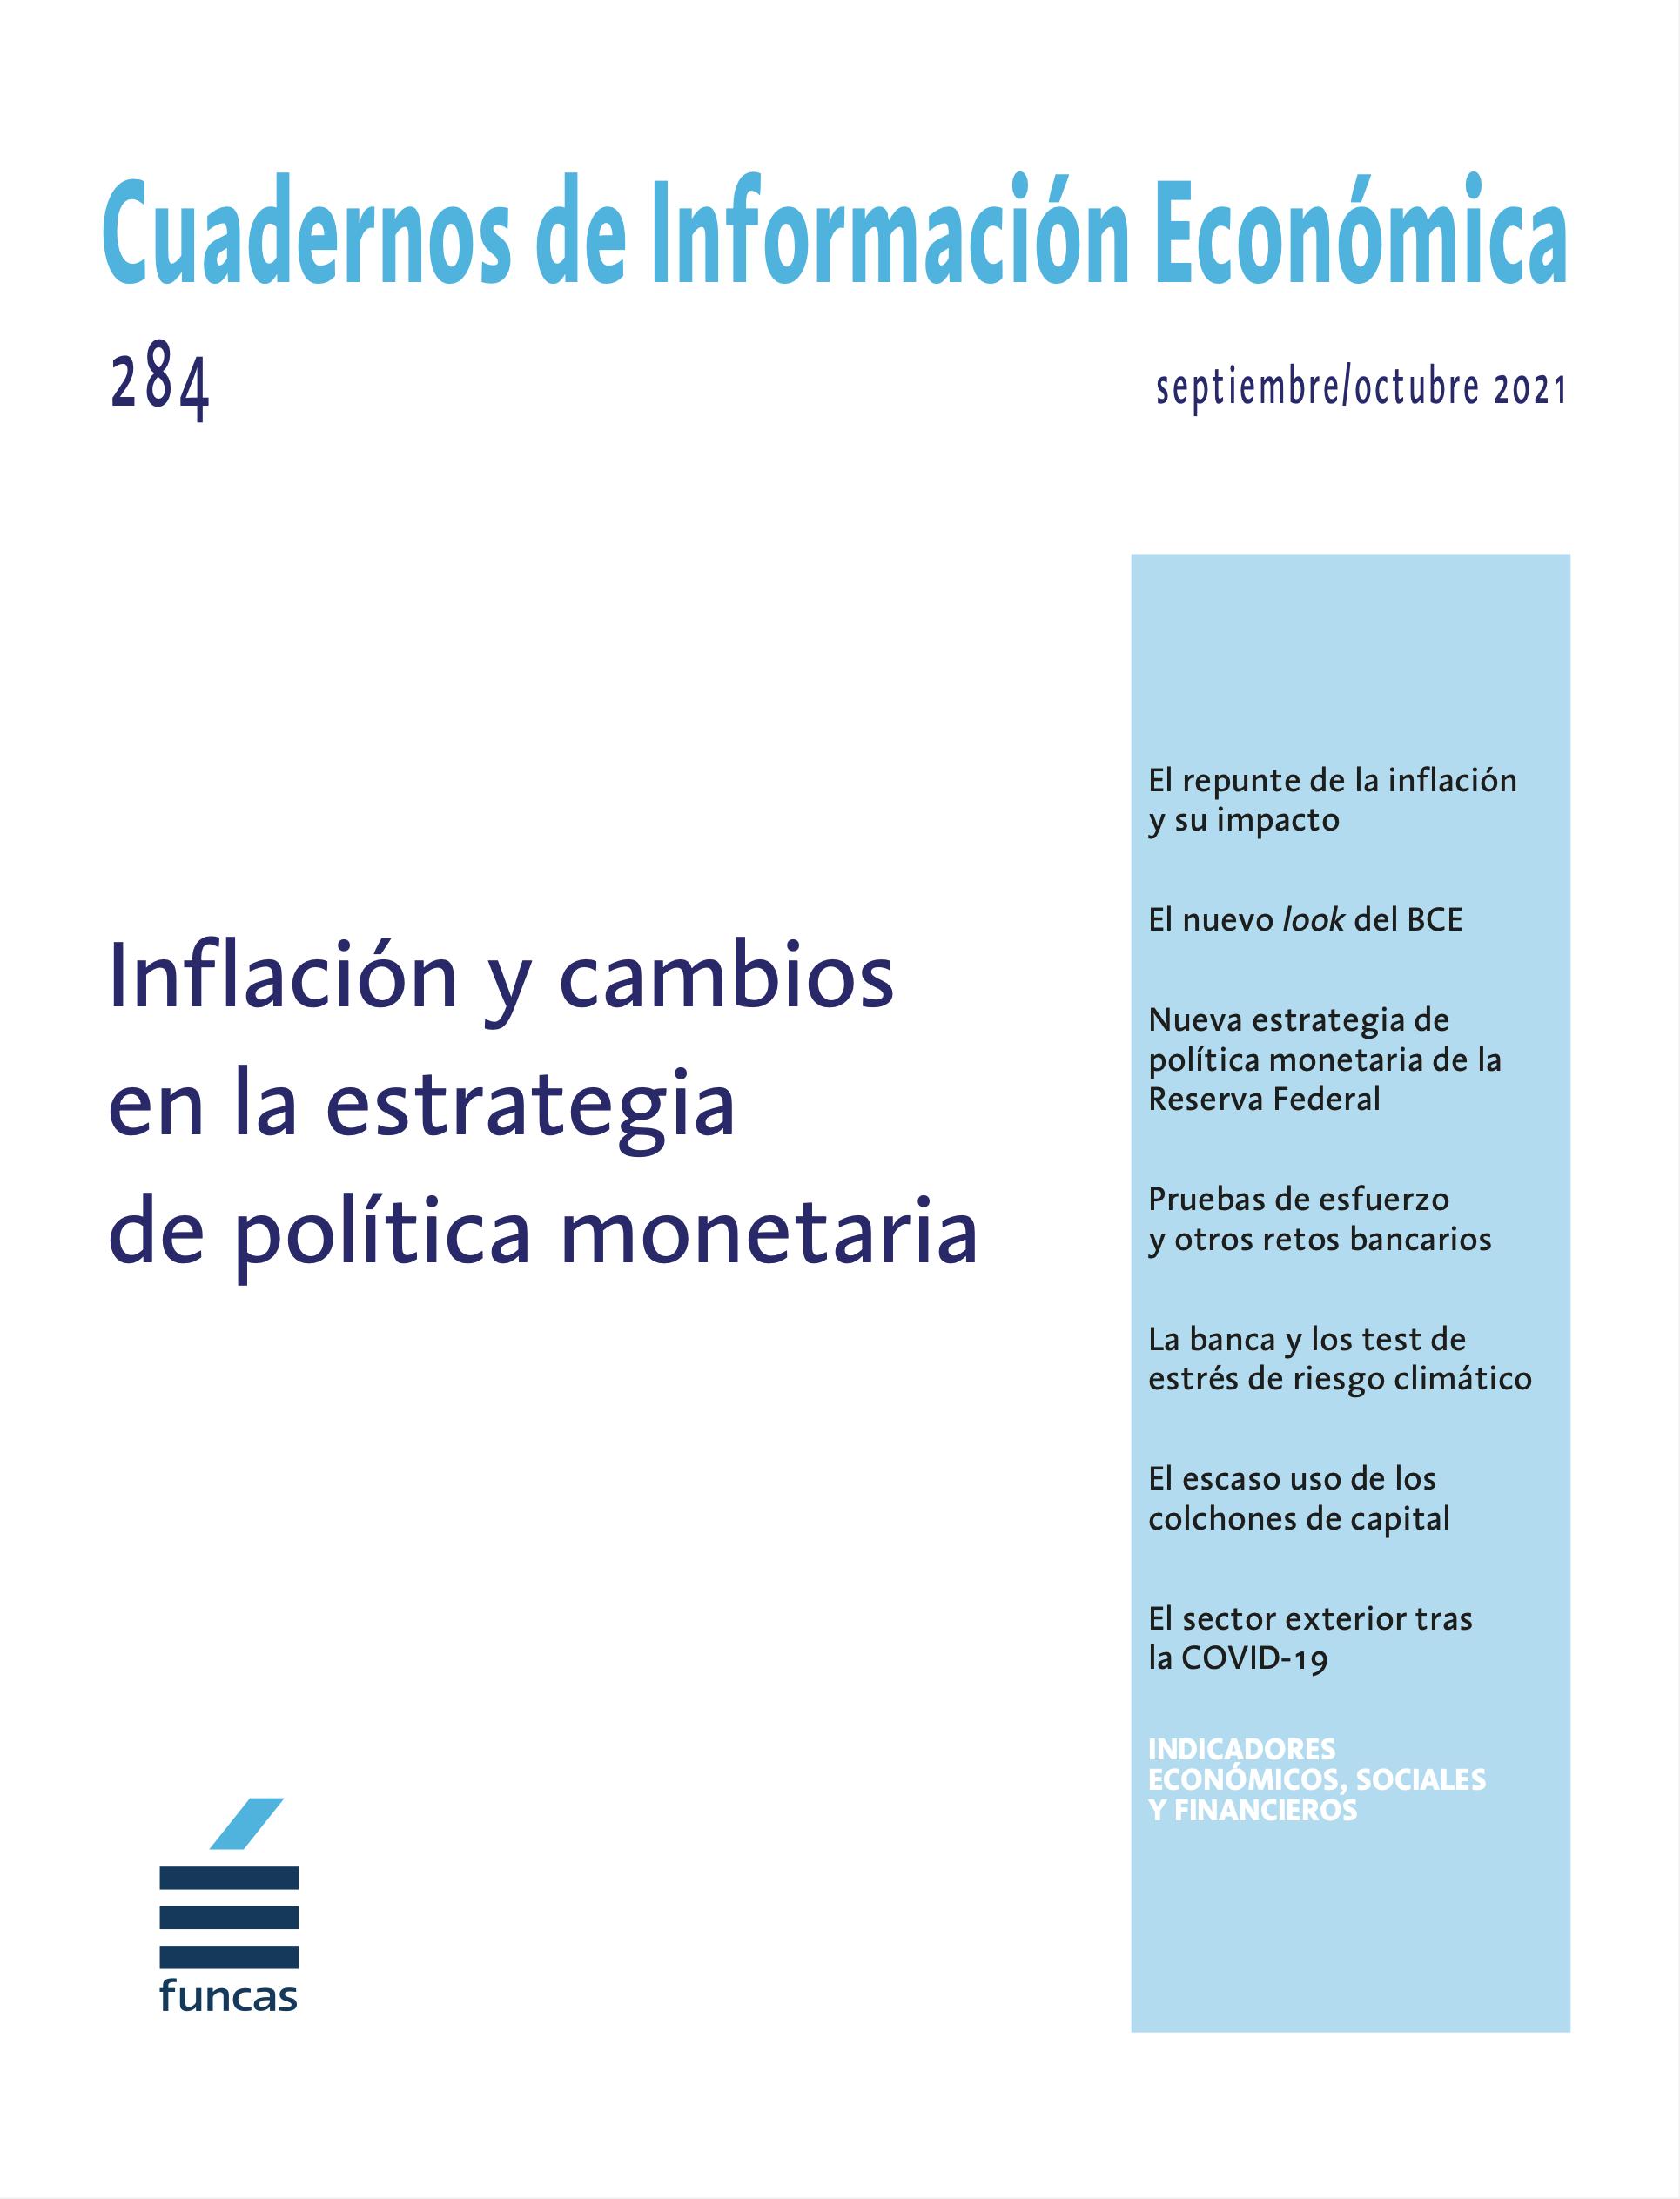 Cuadernos de Información Económica 284